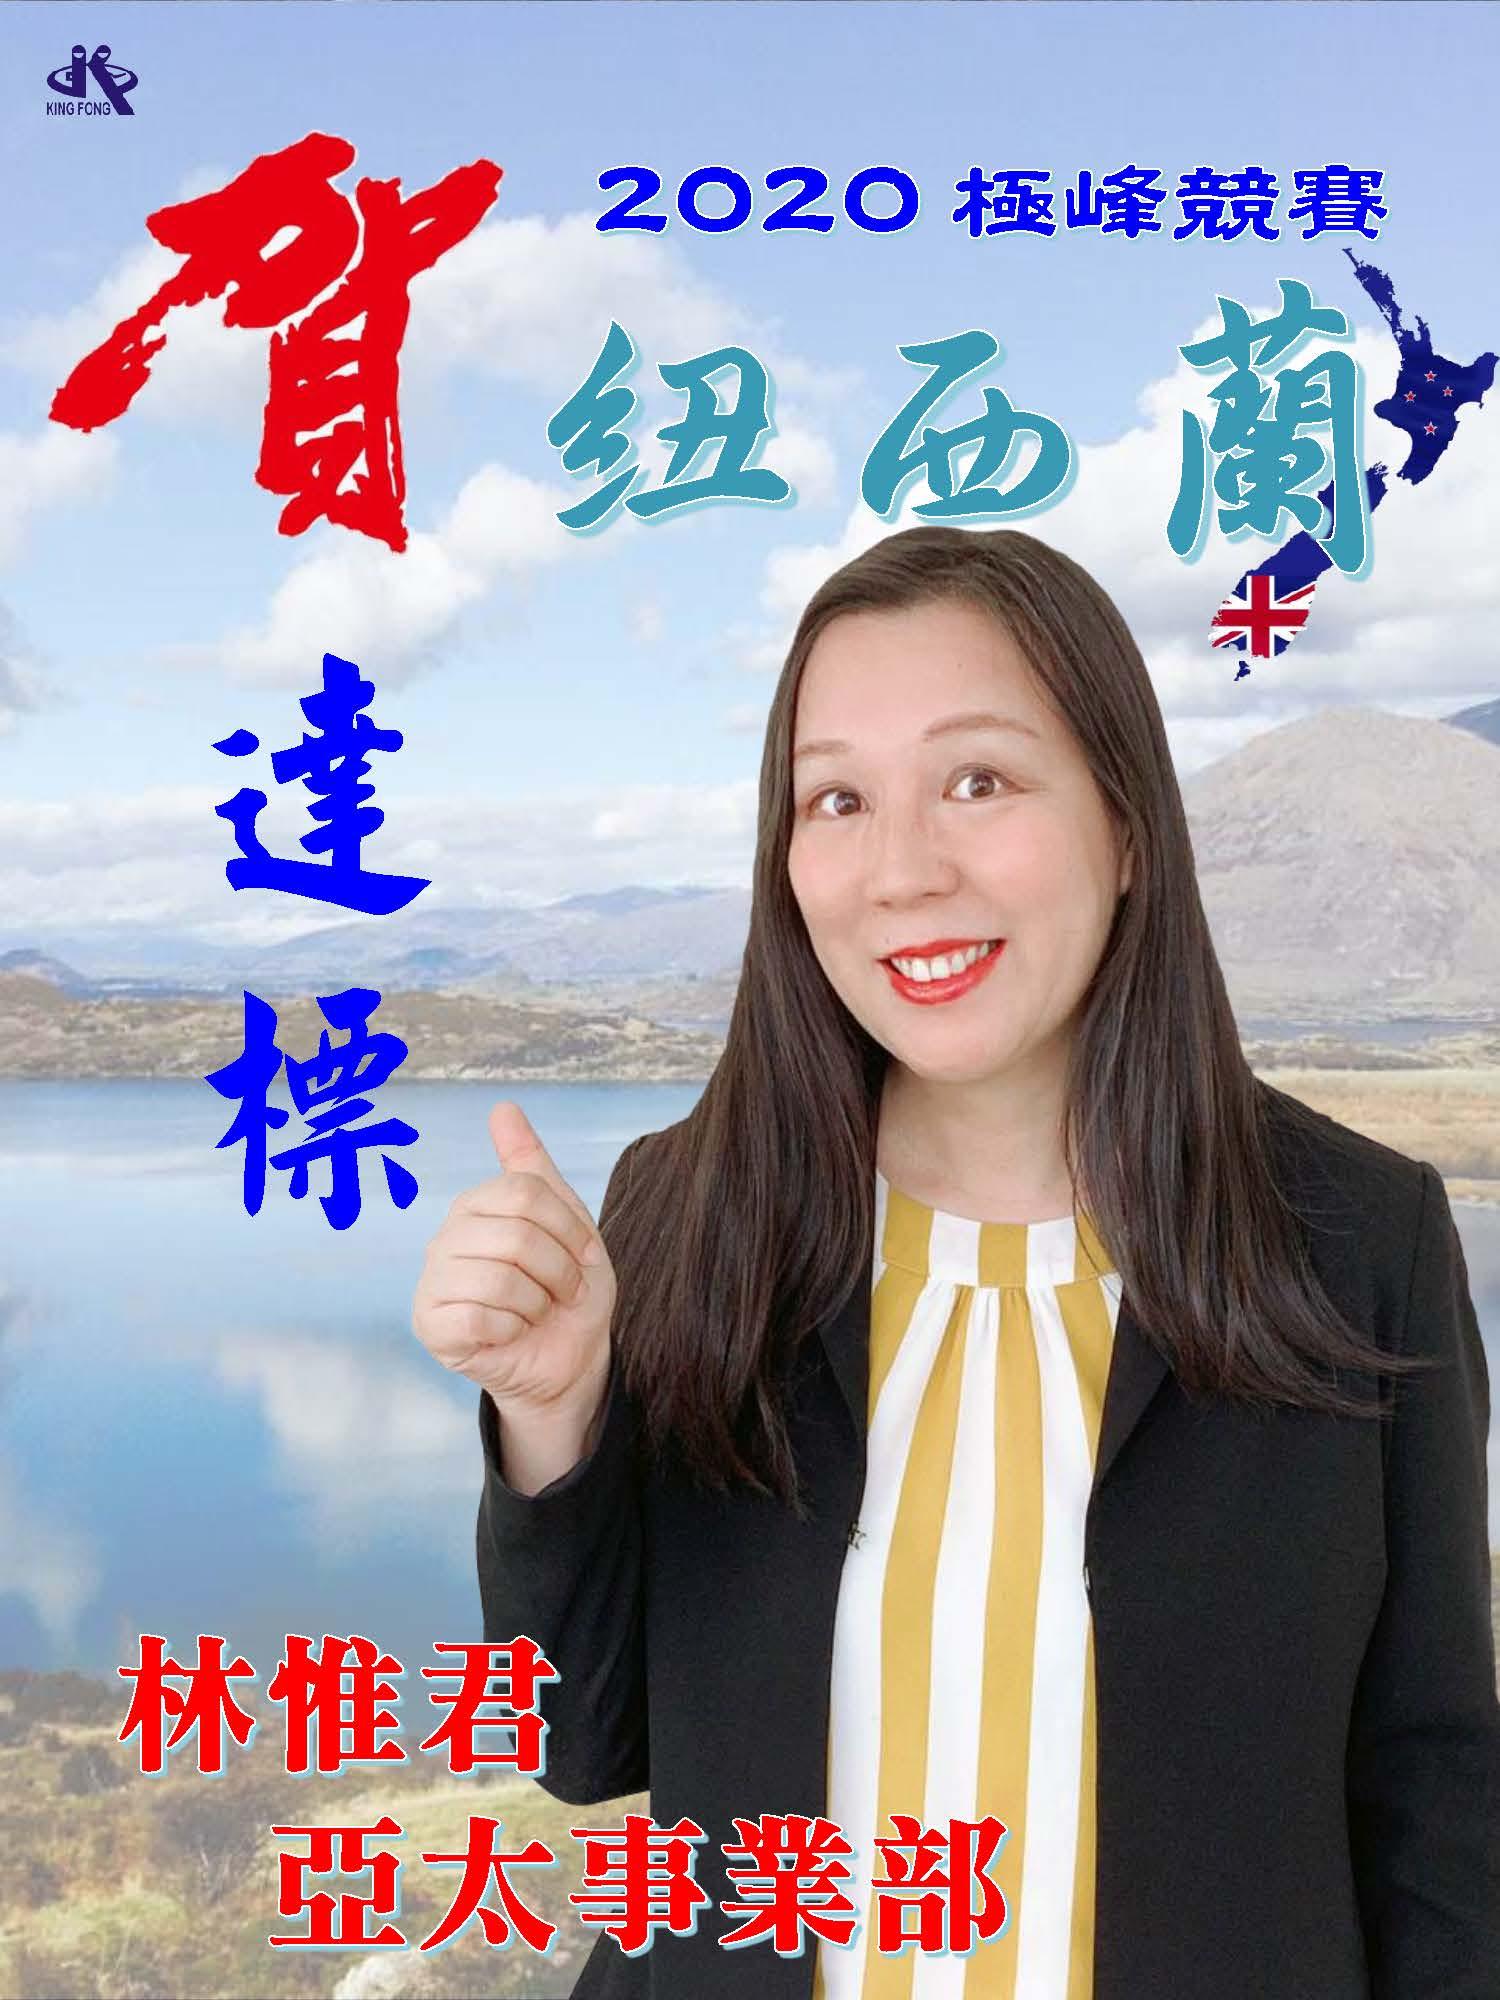 20200707-2020年極峰競賽紐西蘭英雄榜-林惟君